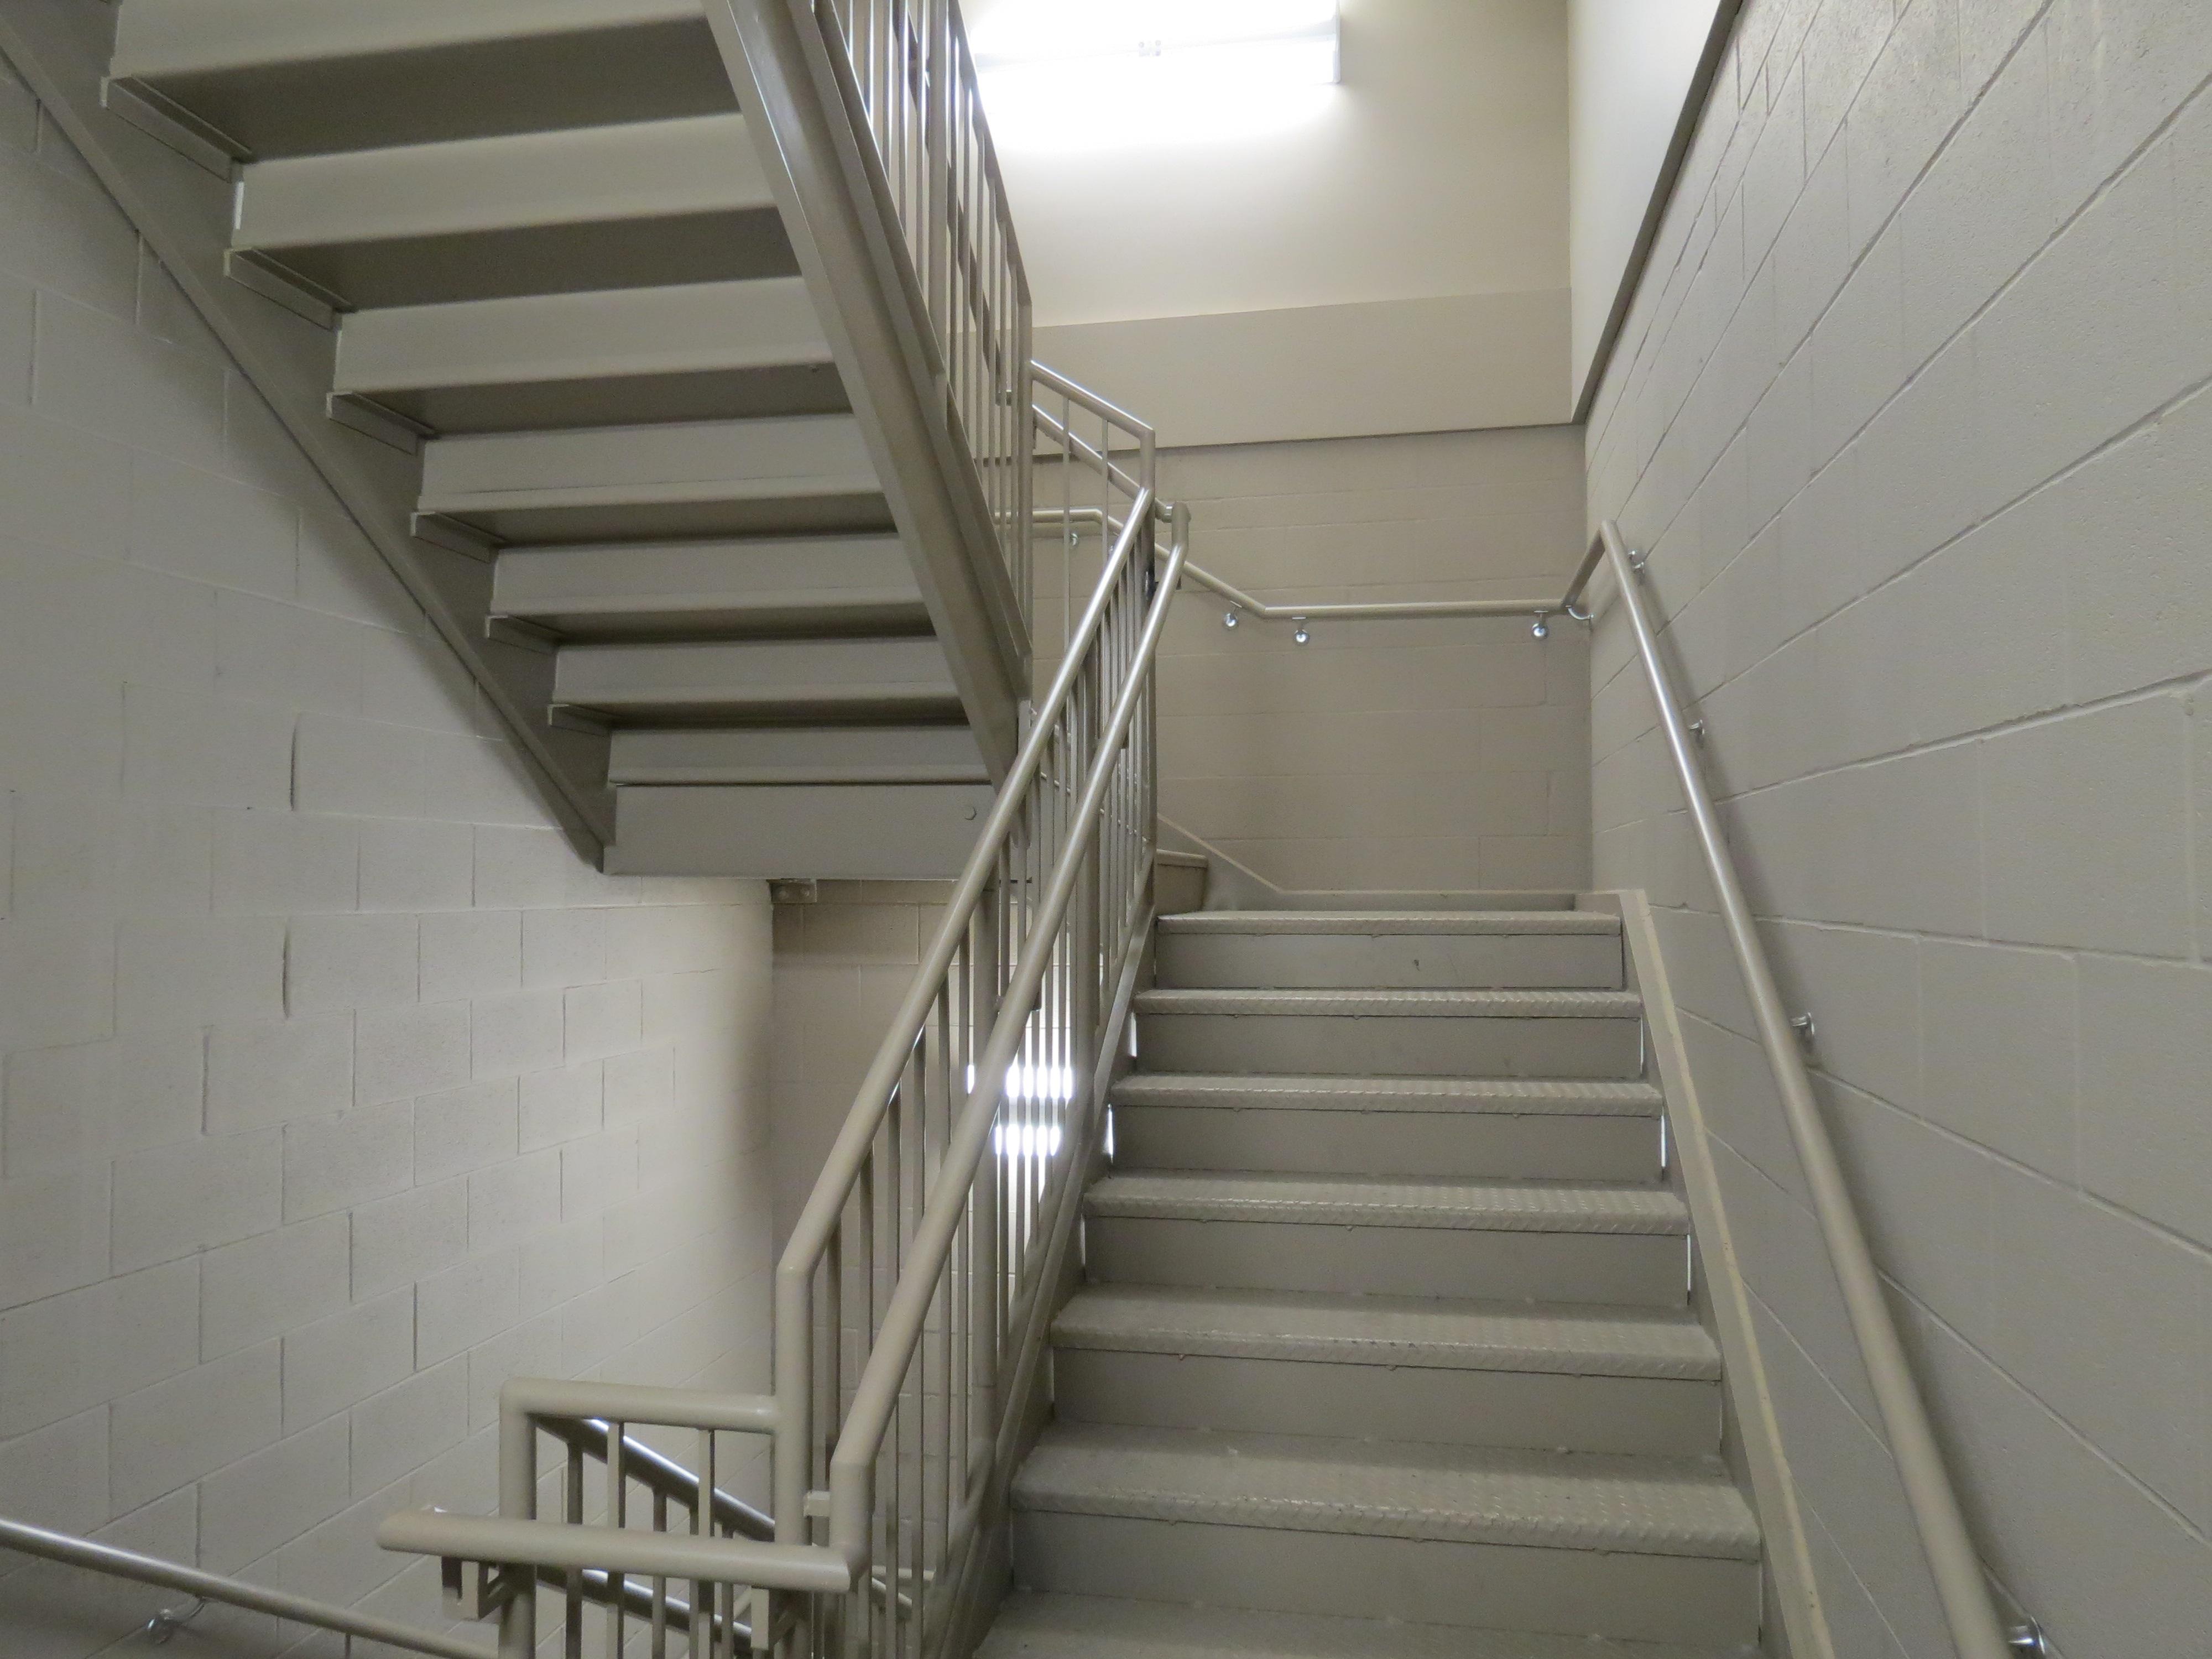 Innenarchitektur Halle kostenlose foto die architektur stock decke halle zimmer